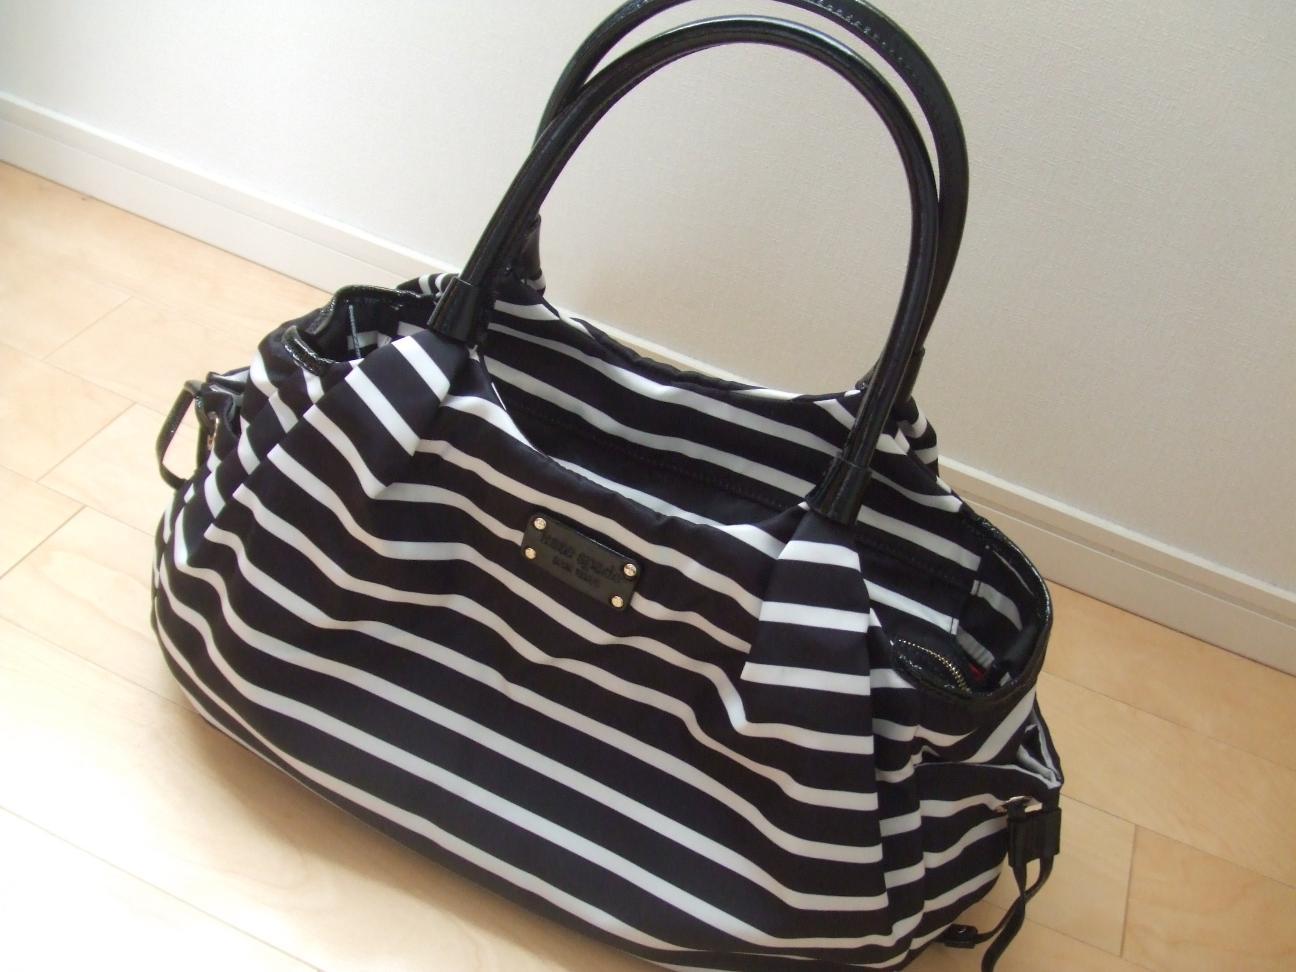 赤ちゃんとのお出かけは、おしゃれなママバッグを持って行こう☆のサムネイル画像